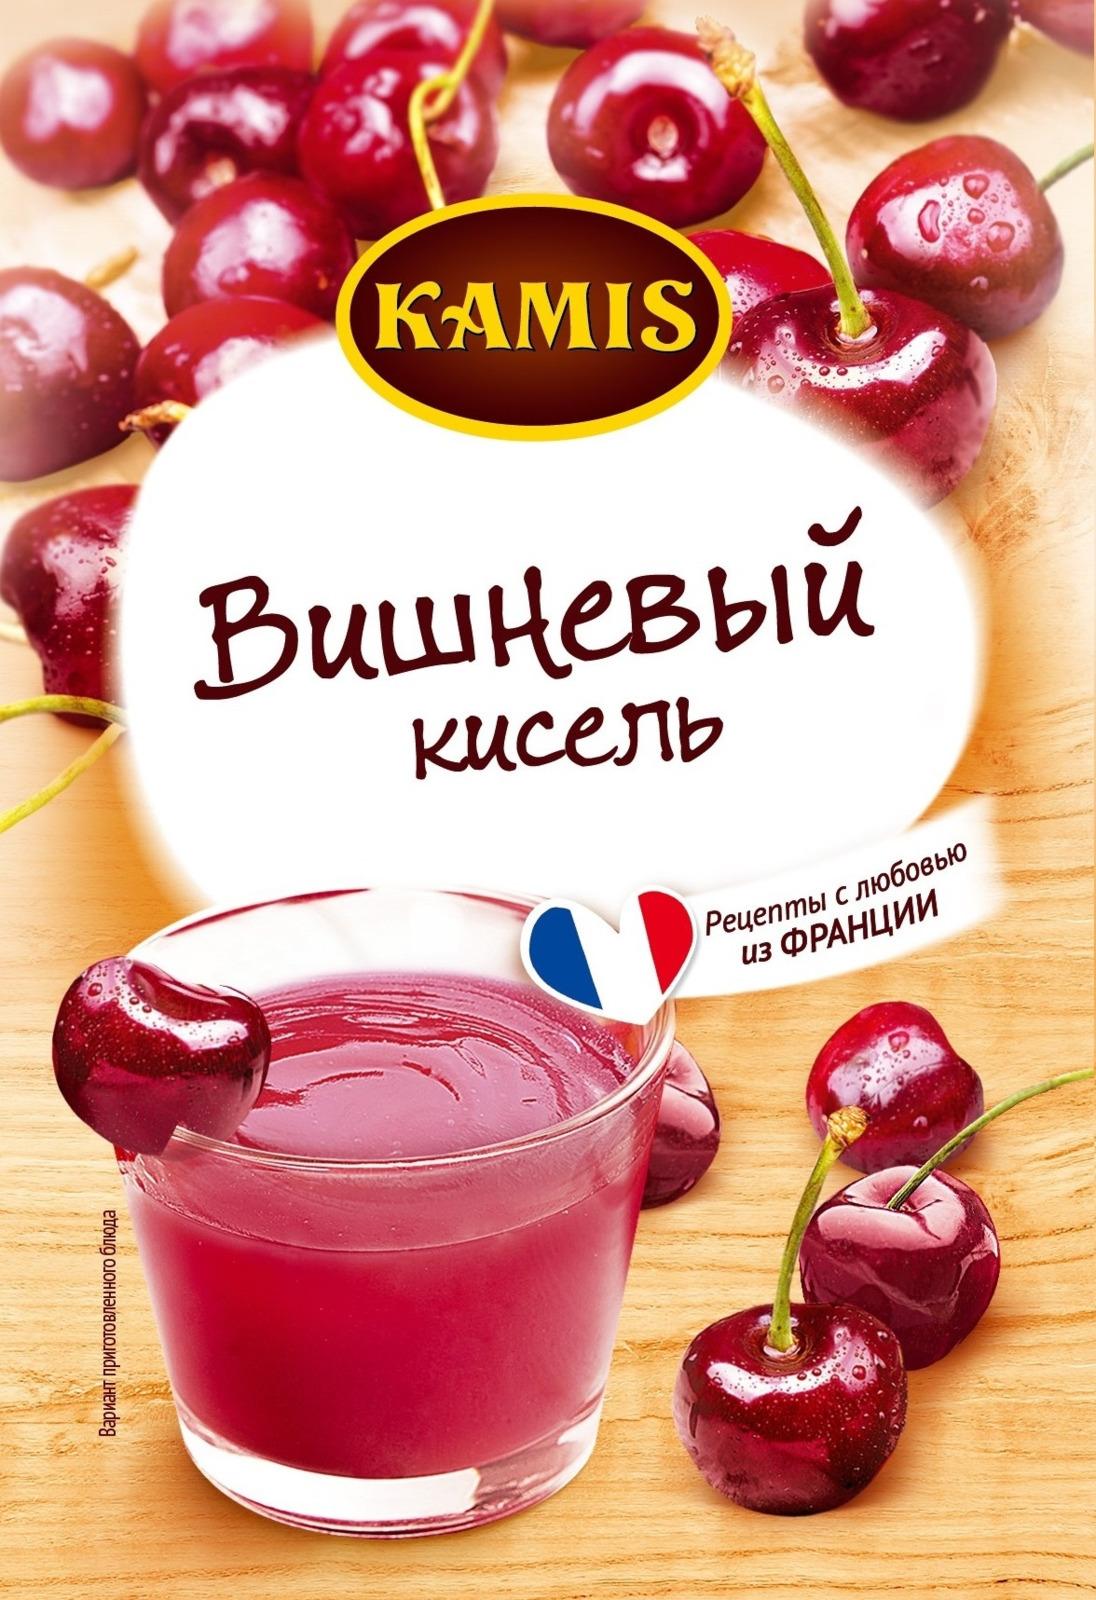 Кисель Kamis Вишневый моментального приготовления, 30 г